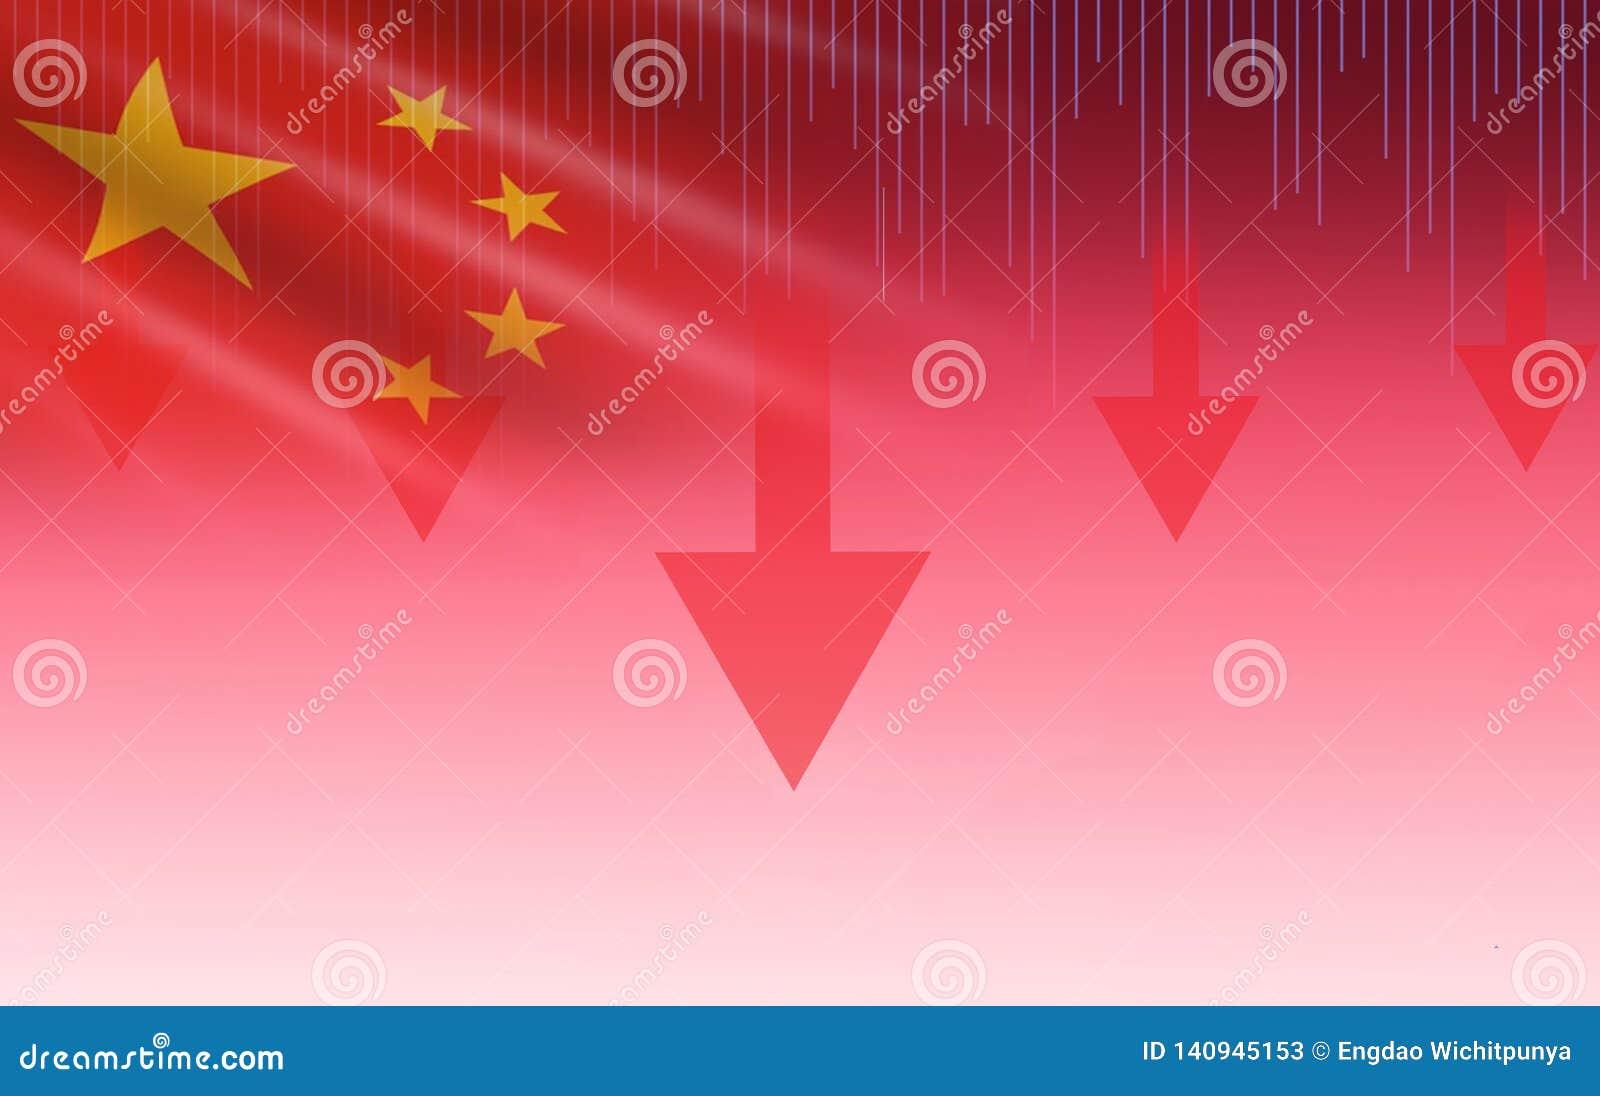 Seta vermelha do preço da crise do mercado de valores de ação de China Shanghai abaixo da queda da carta